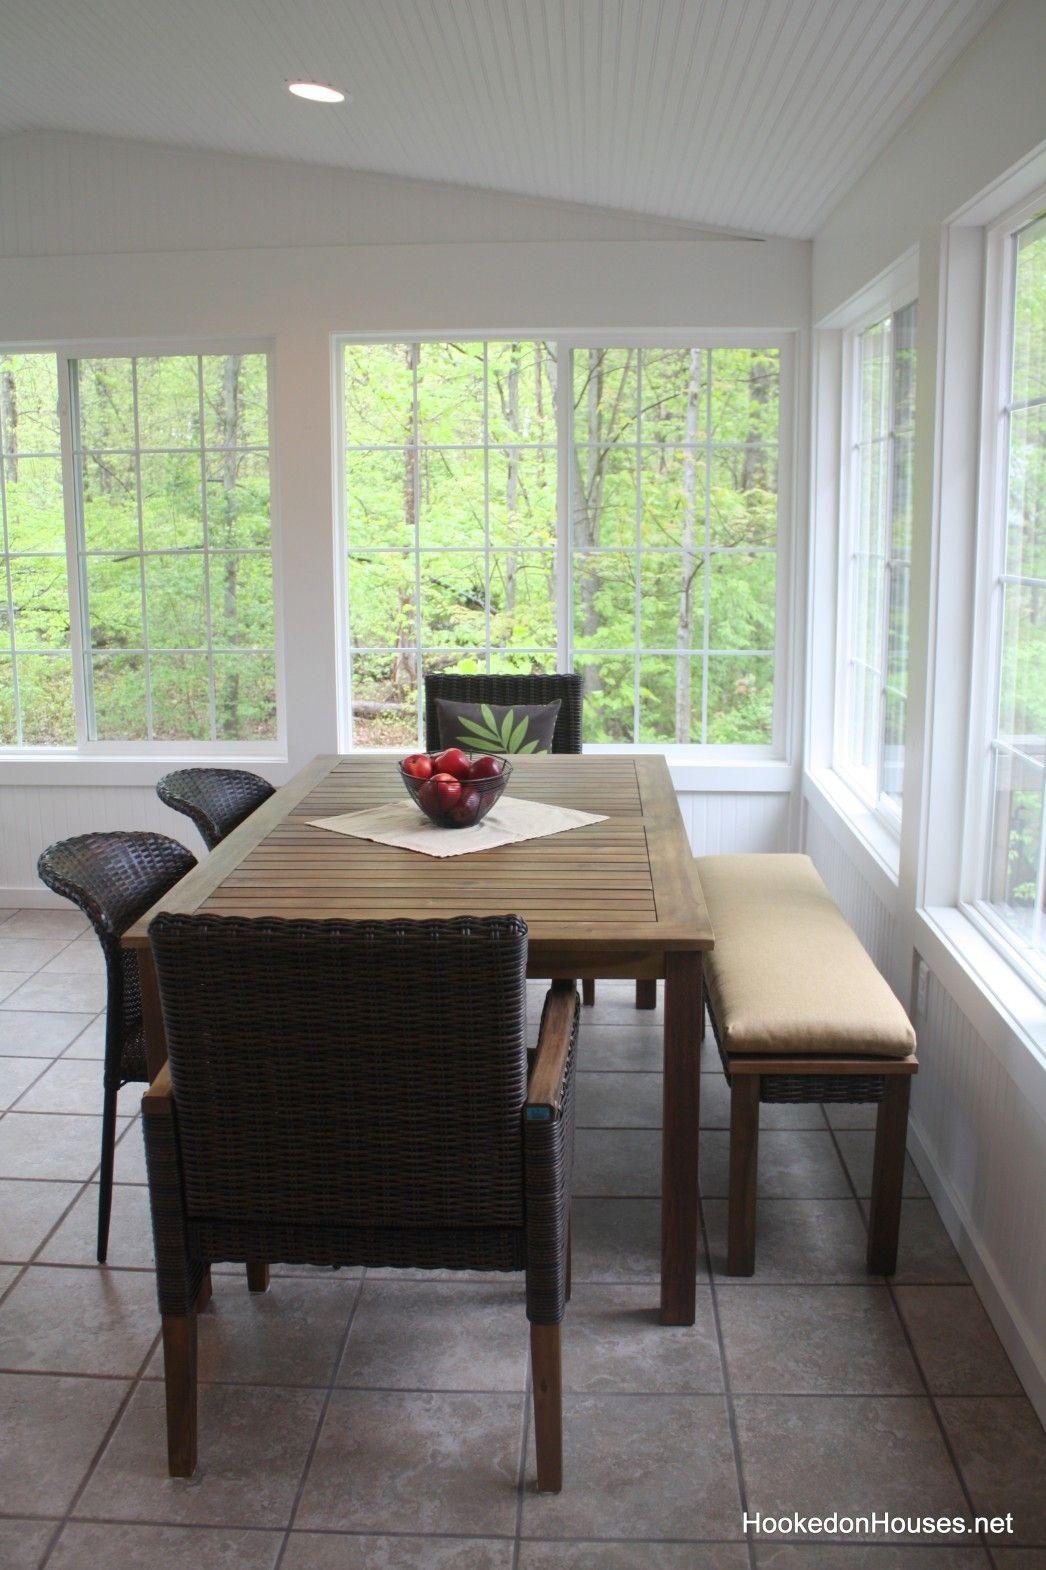 Sunroom Dining Room Sun Room Glamorous Sunroom As Dining Room 69 For Your Dining  Room Table